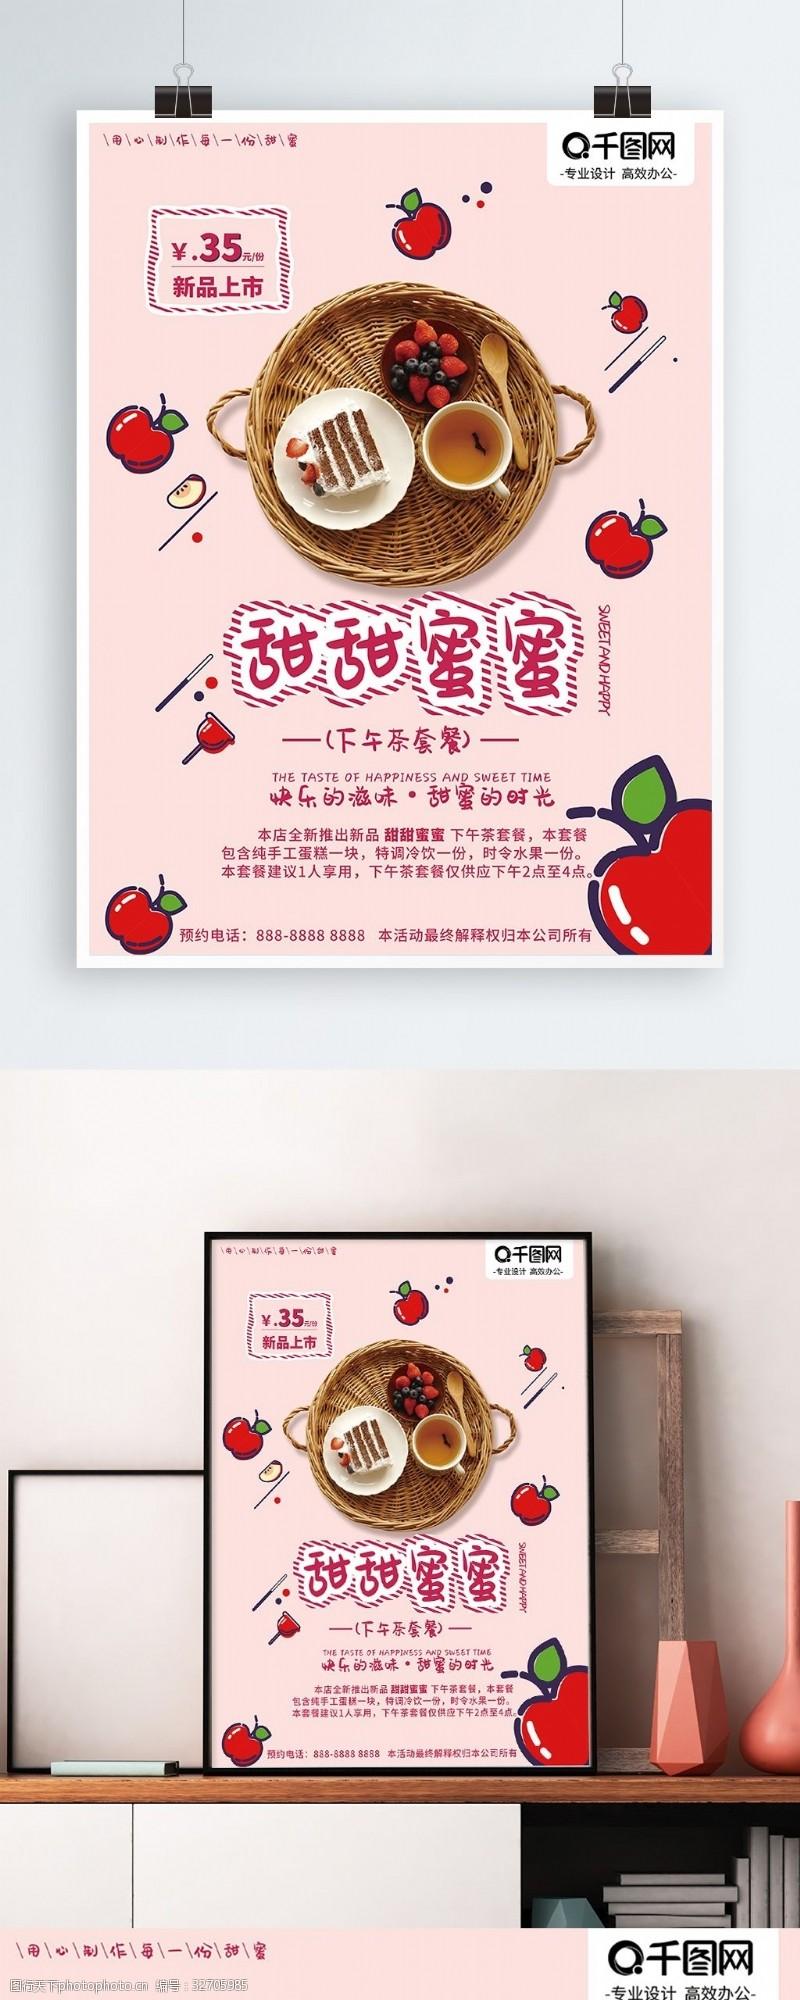 海報下午茶甜品店餐飲餐廳粉色蛋糕新品水果